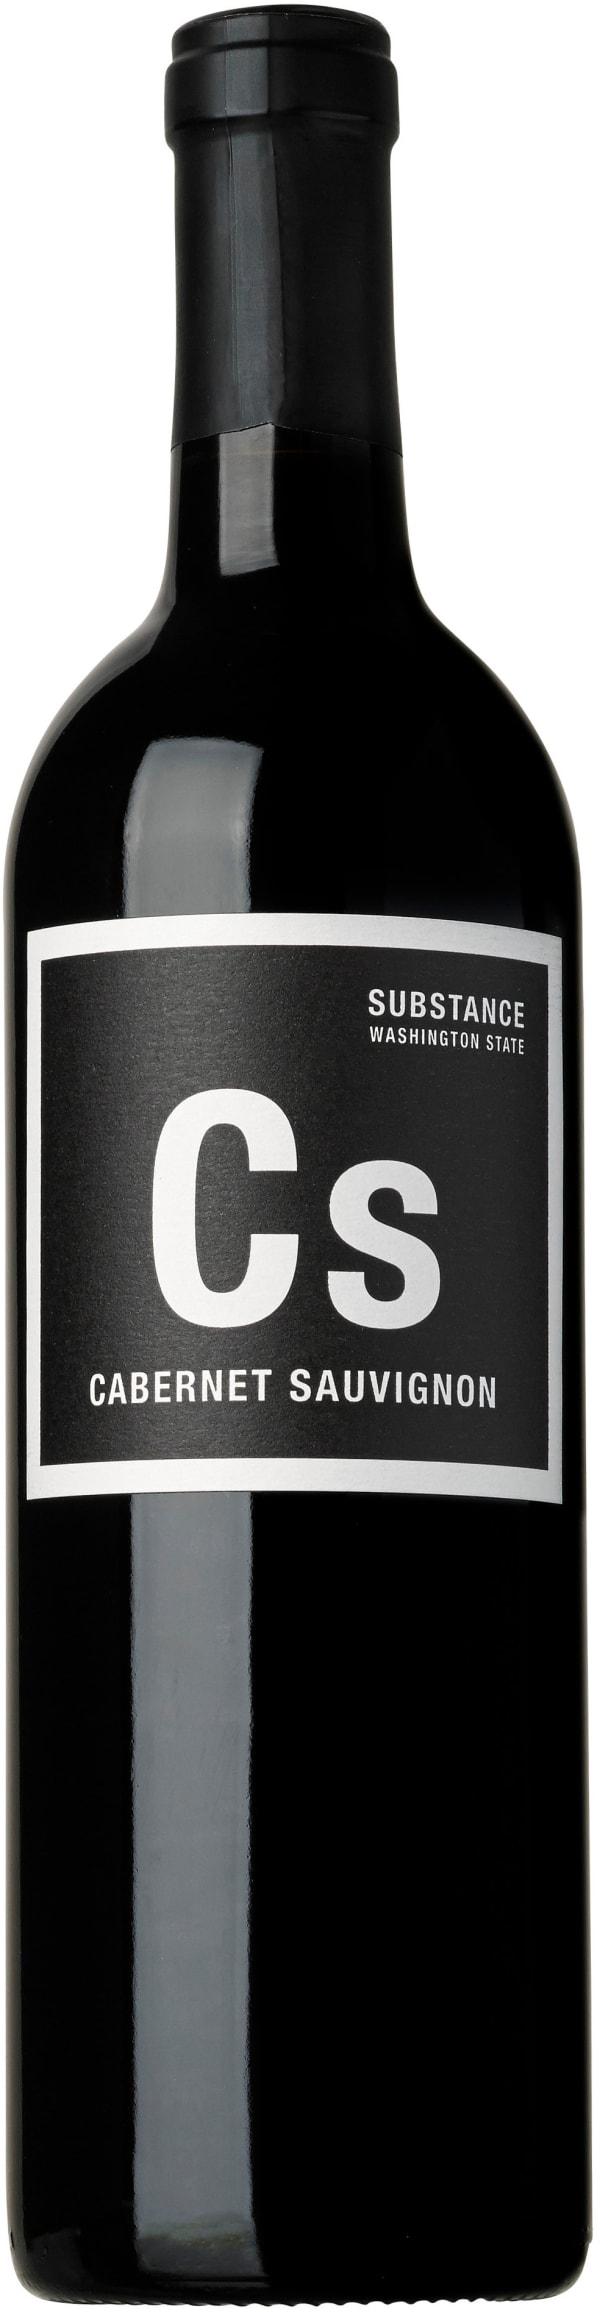 Substance Cabernet Sauvignon 2016